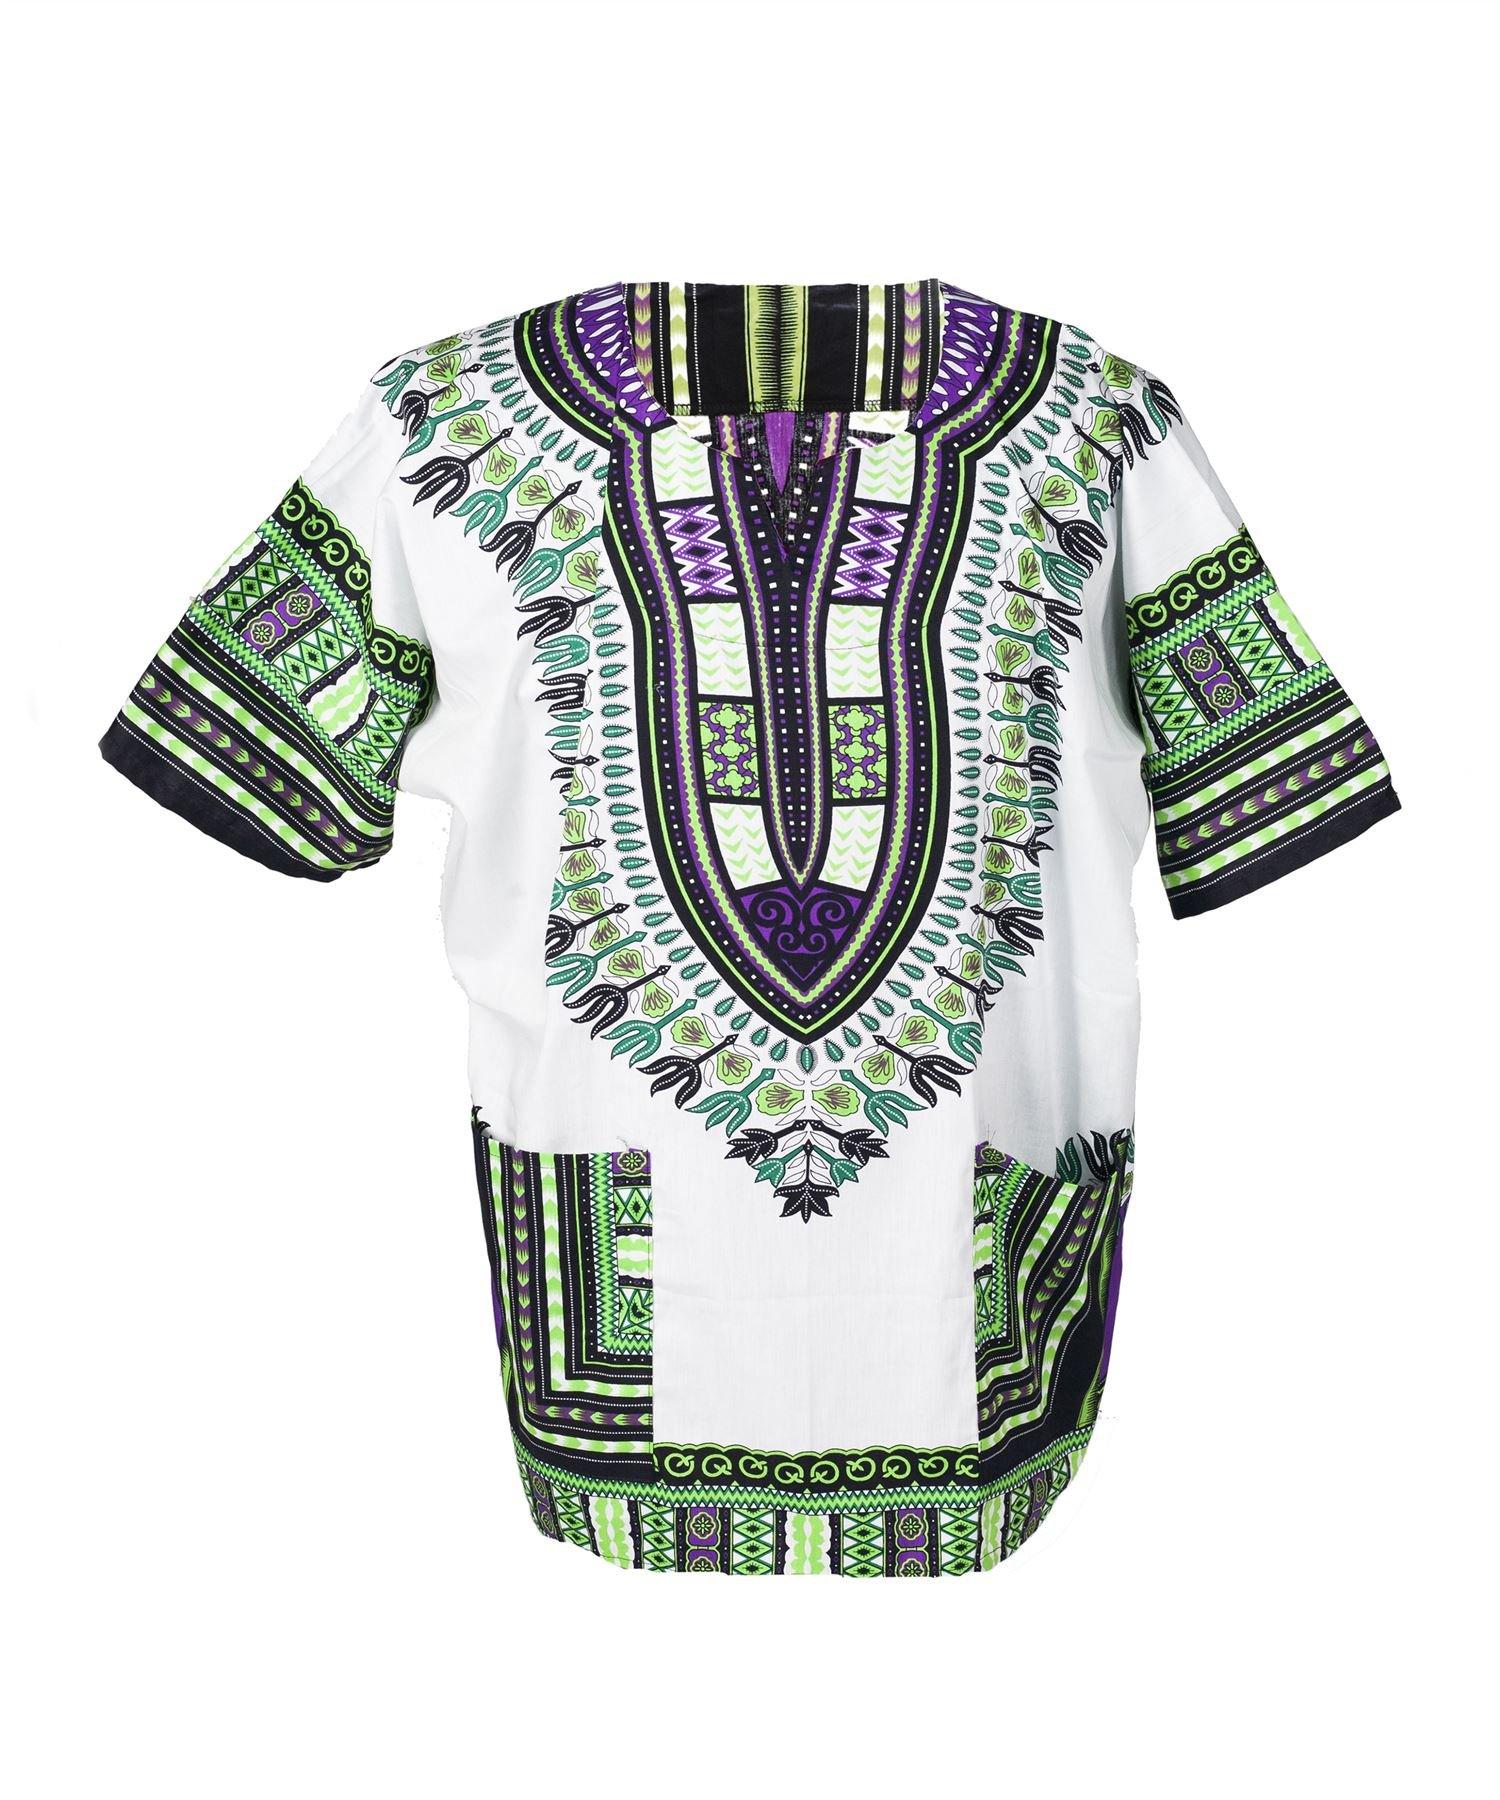 Lofbaz Traditional African Print Unisex Dashiki Size XXXL White and Green